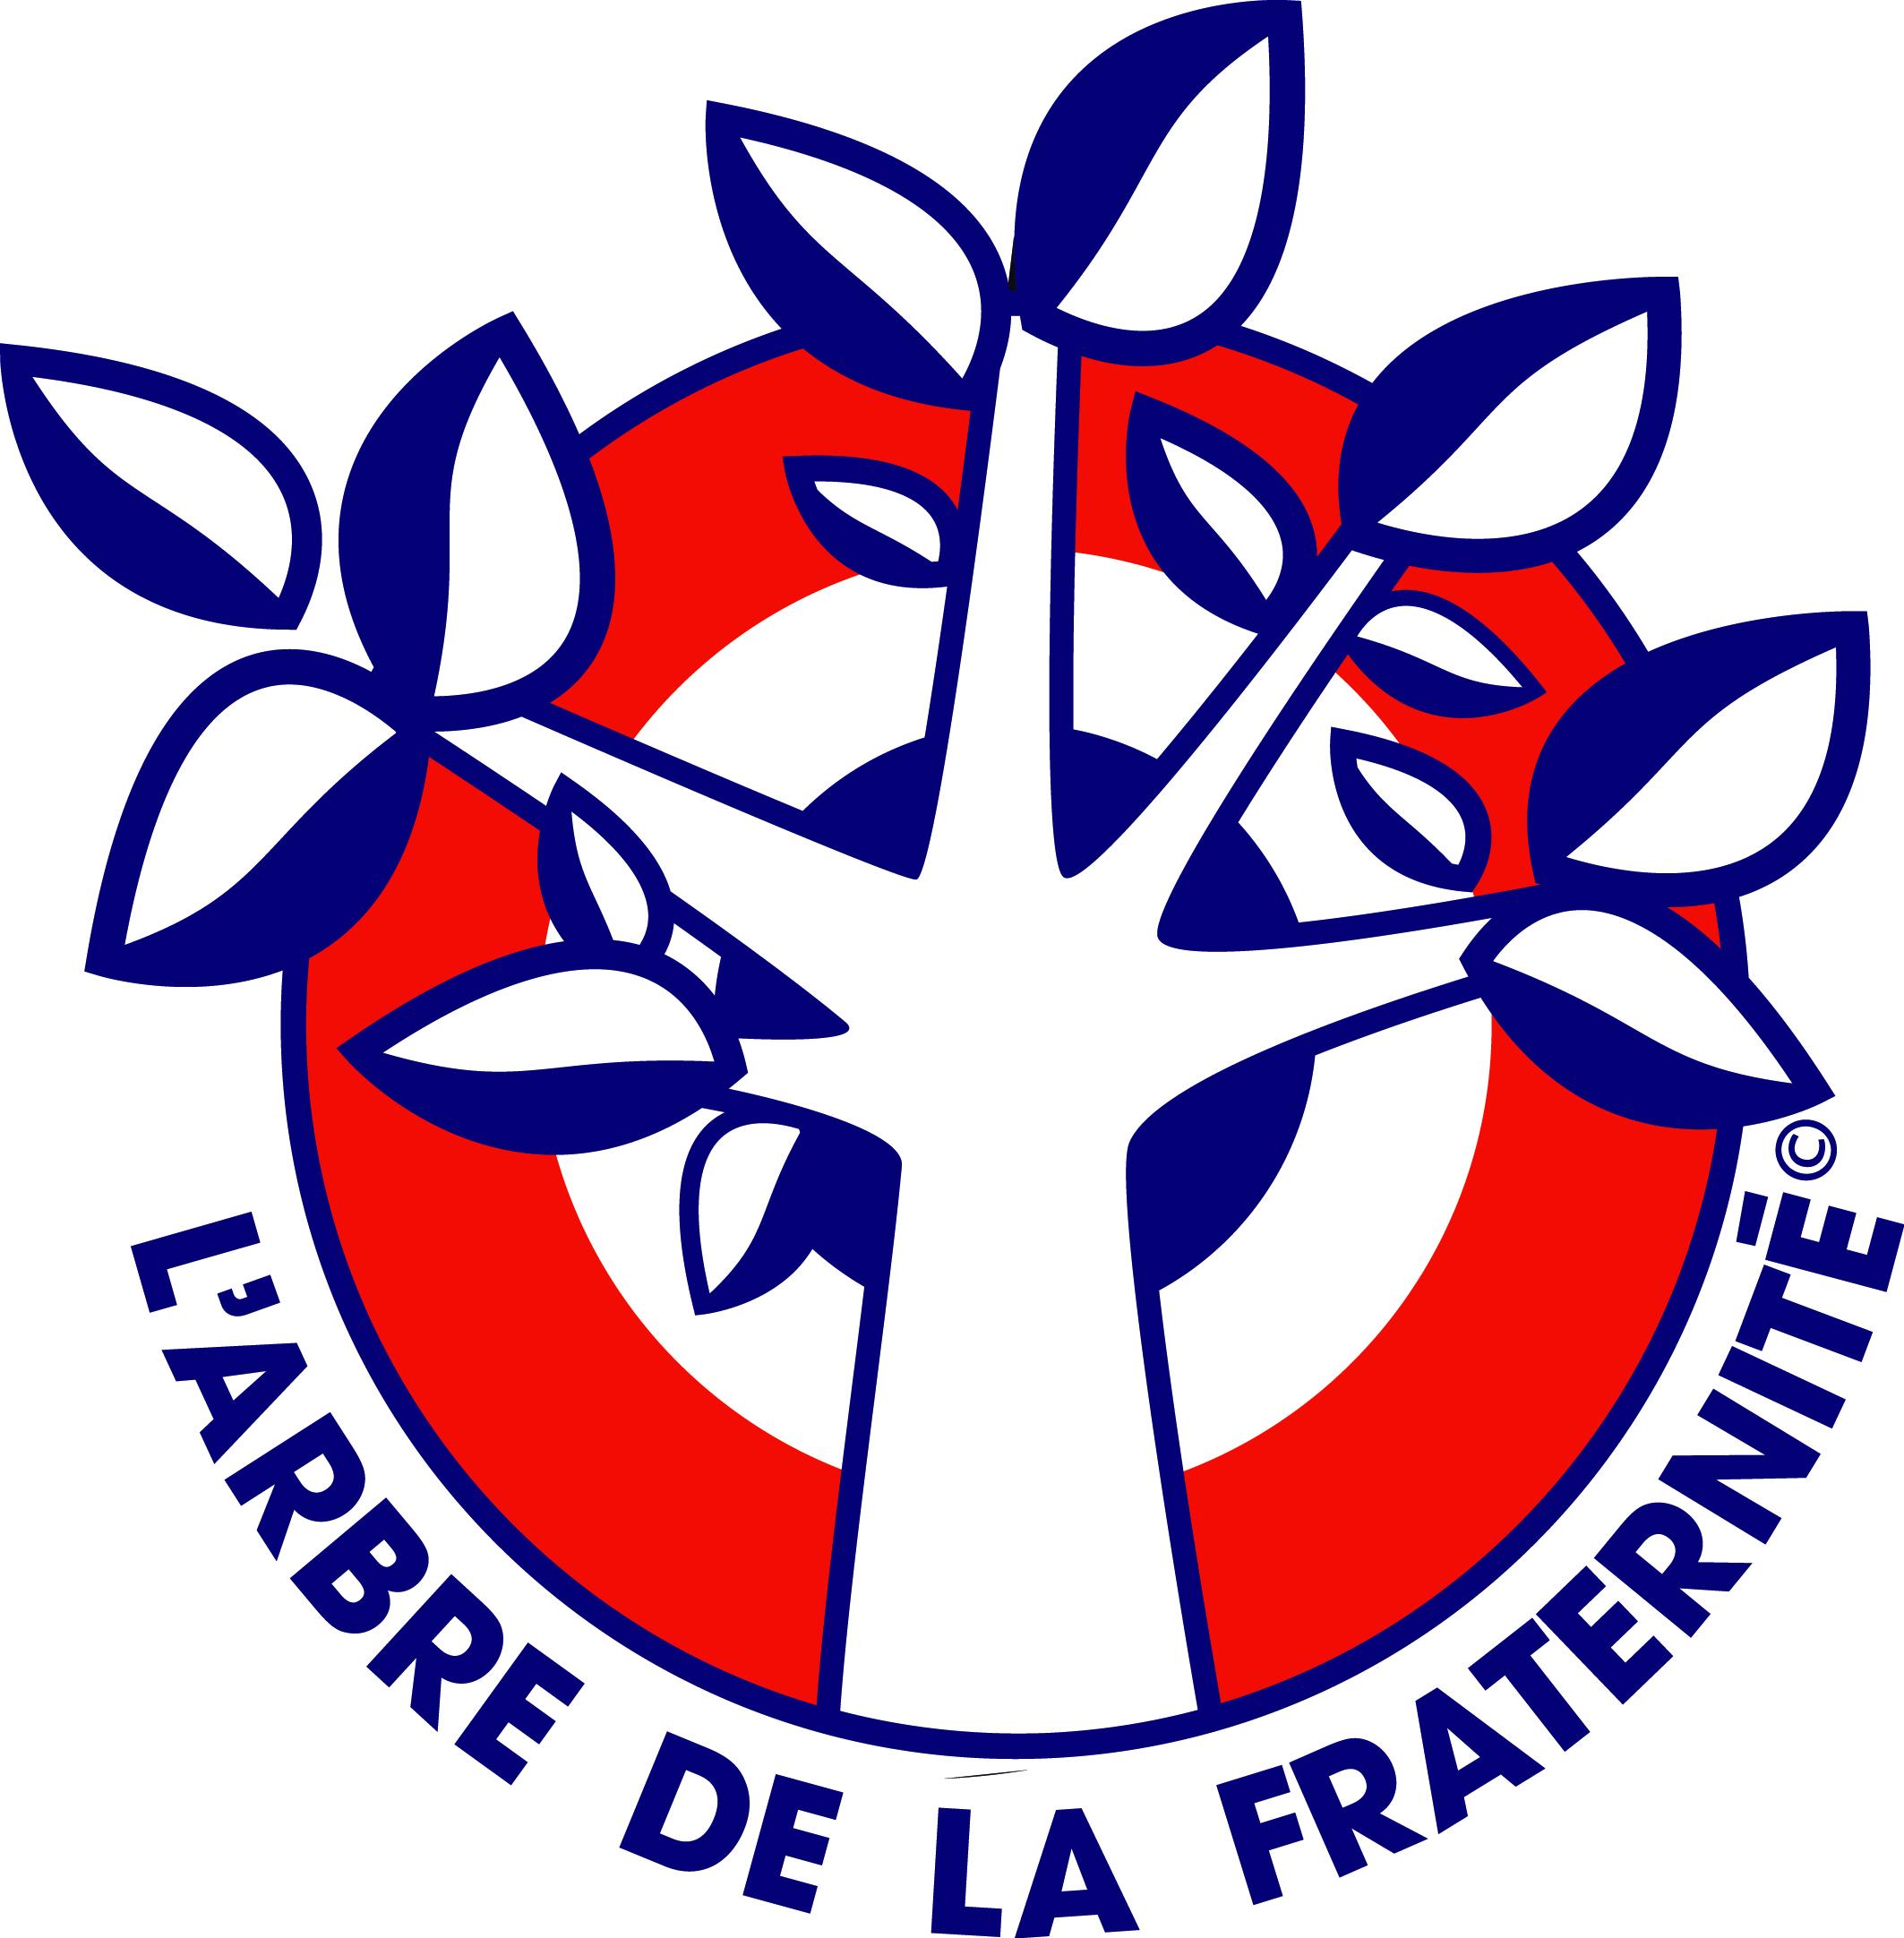 L 39 arbre de la fraternit et du vivre ensemble opinion internationaleopinion internationale - Symbole de la perseverance ...